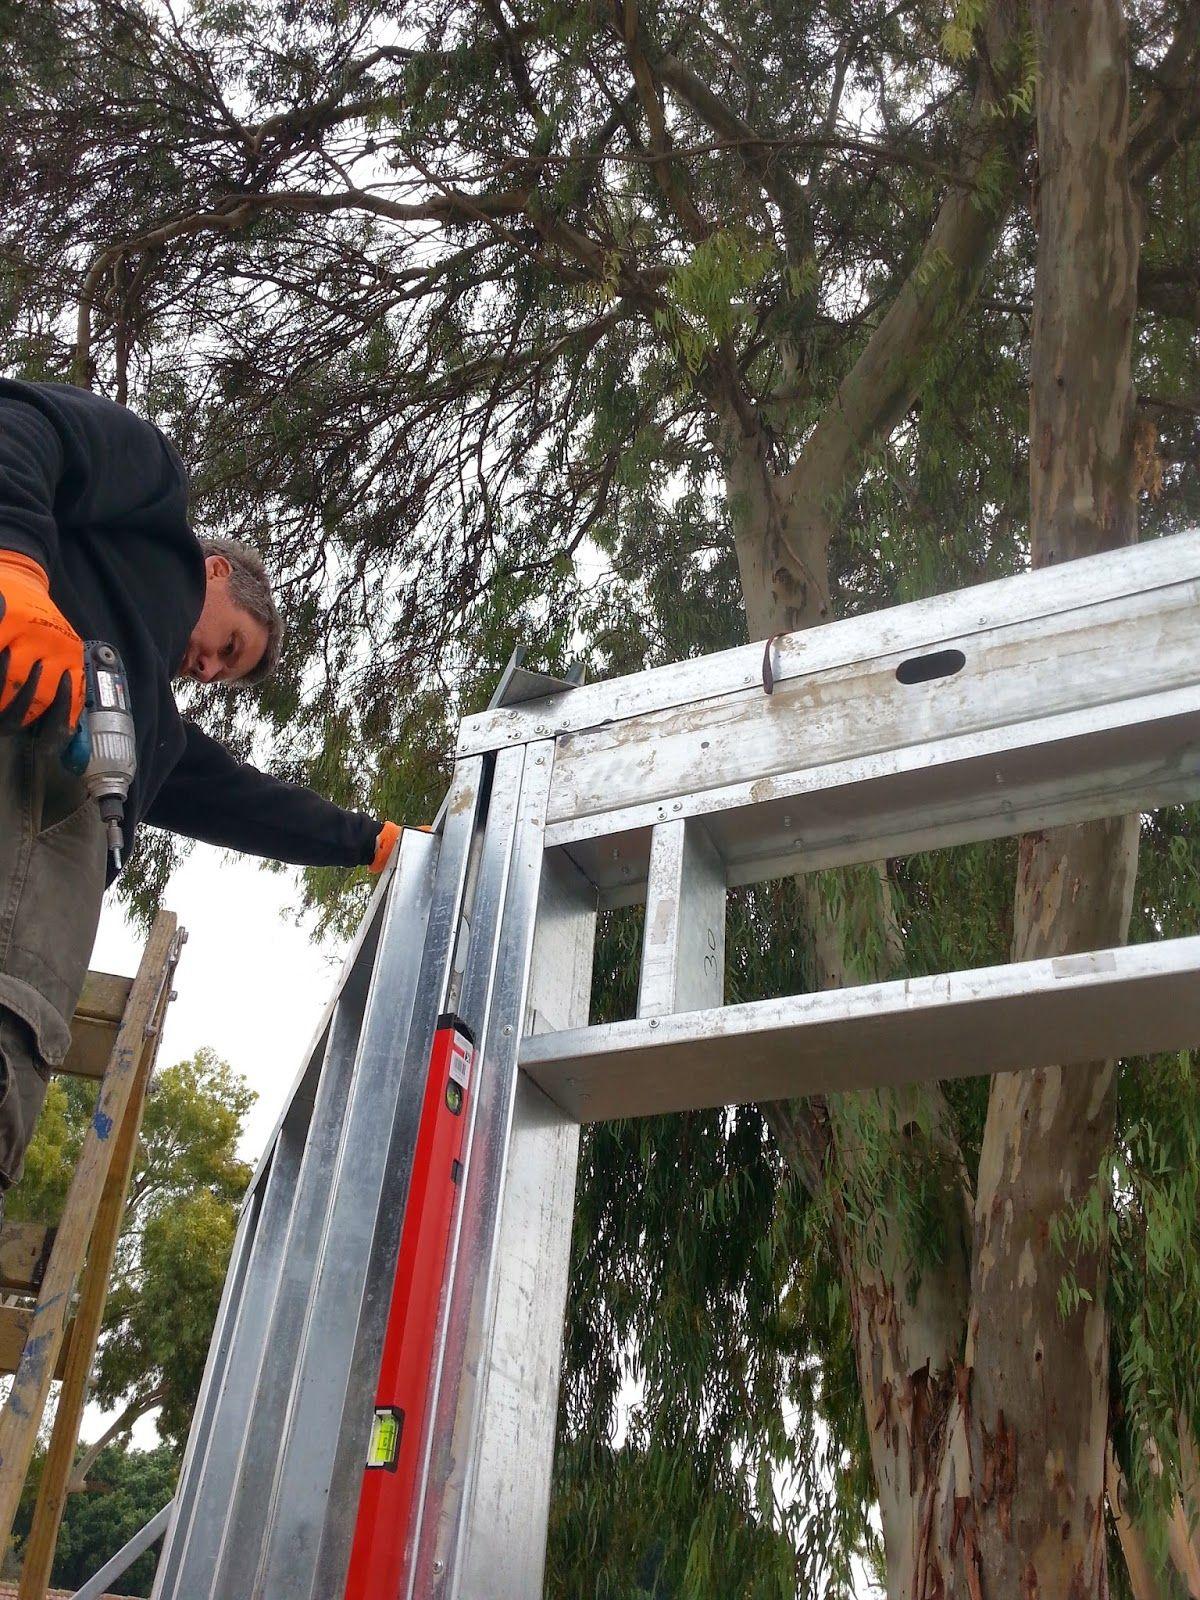 בניית בית לב בגת: סיכום שלושה ימים של העמדת קירות